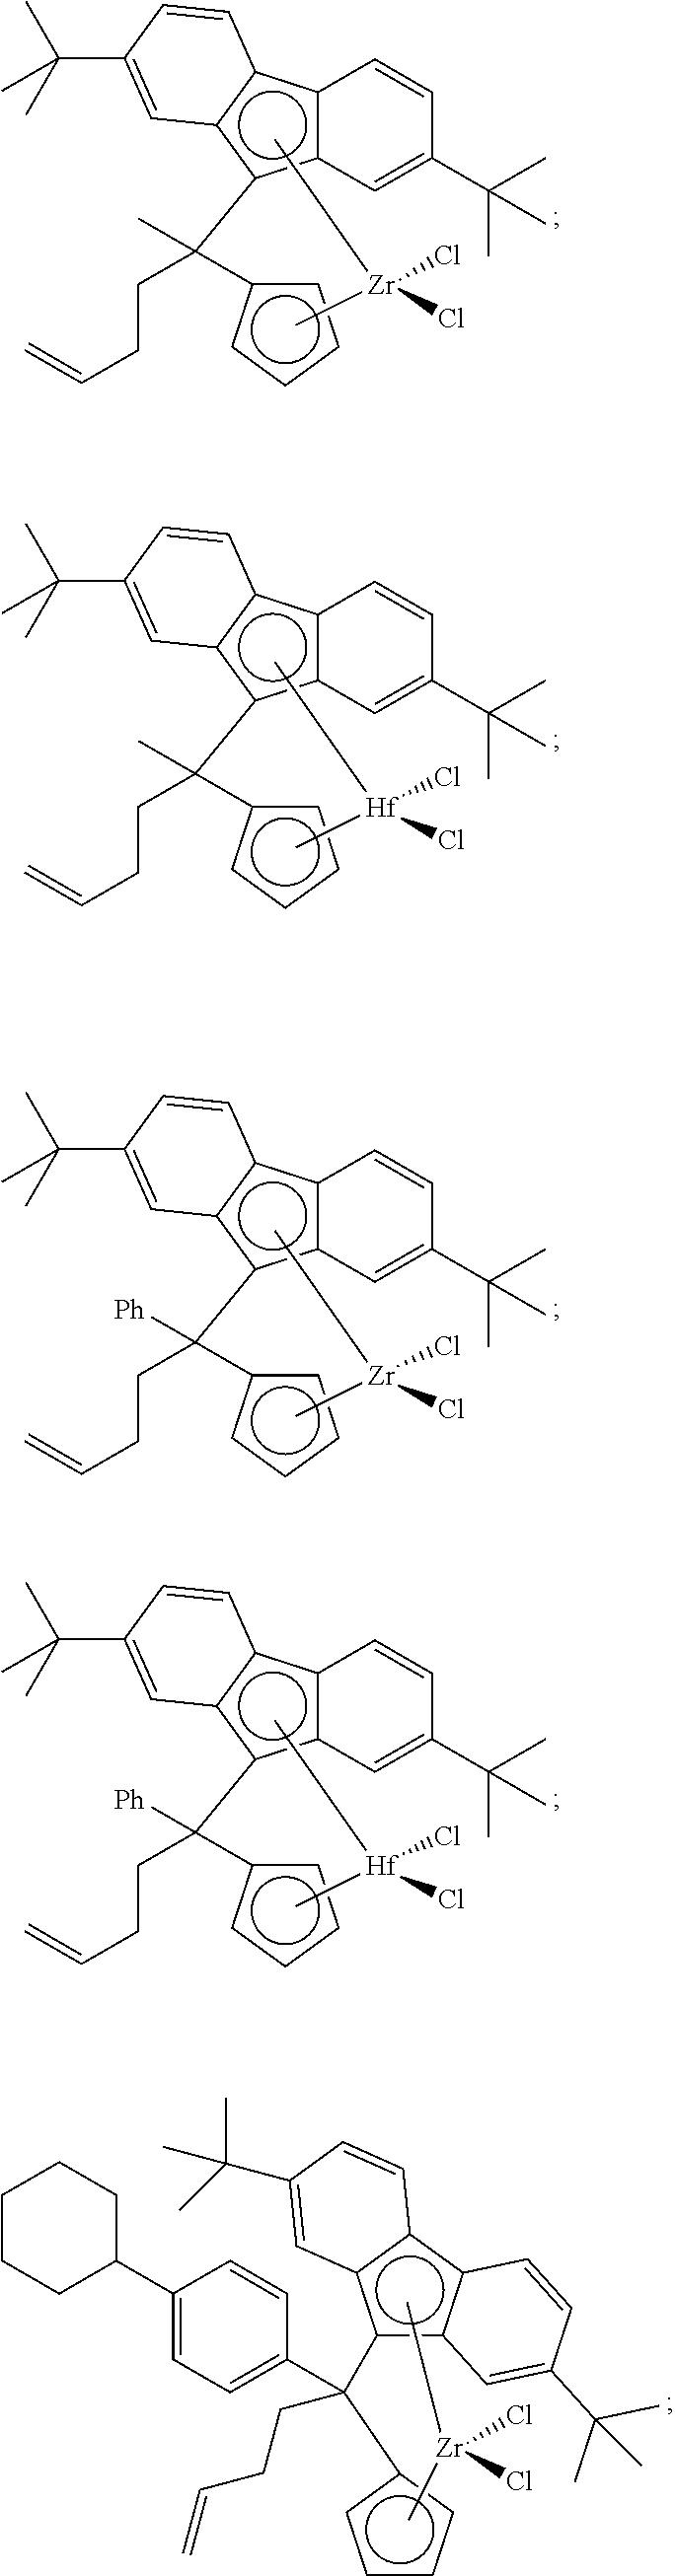 Figure US08143183-20120327-C00007